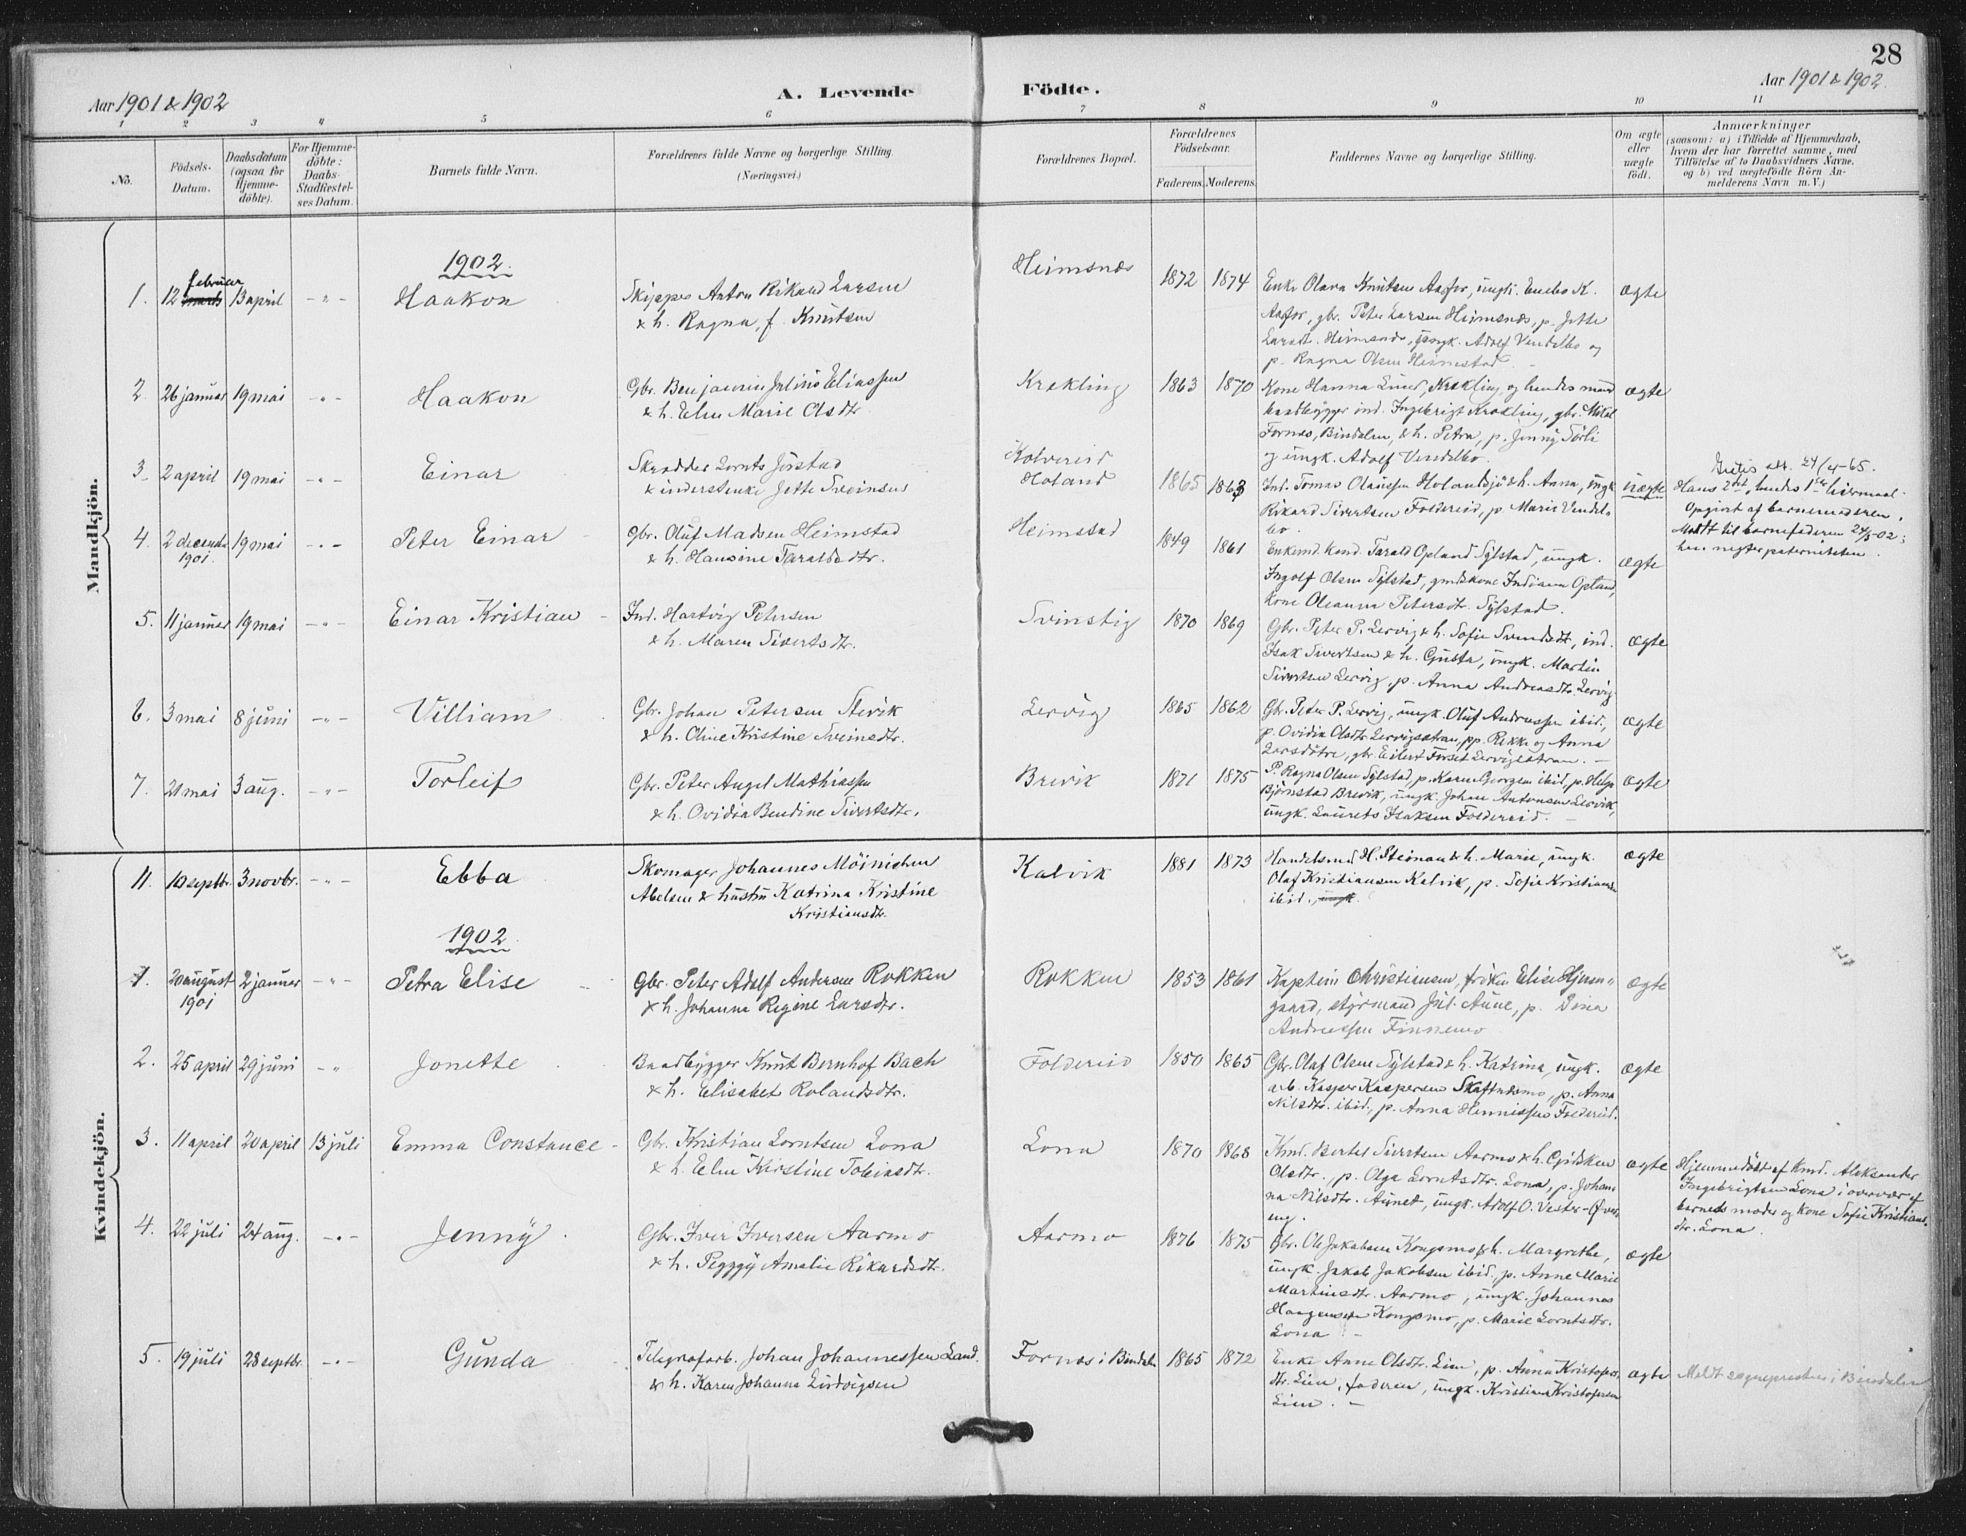 SAT, Ministerialprotokoller, klokkerbøker og fødselsregistre - Nord-Trøndelag, 783/L0660: Ministerialbok nr. 783A02, 1886-1918, s. 28